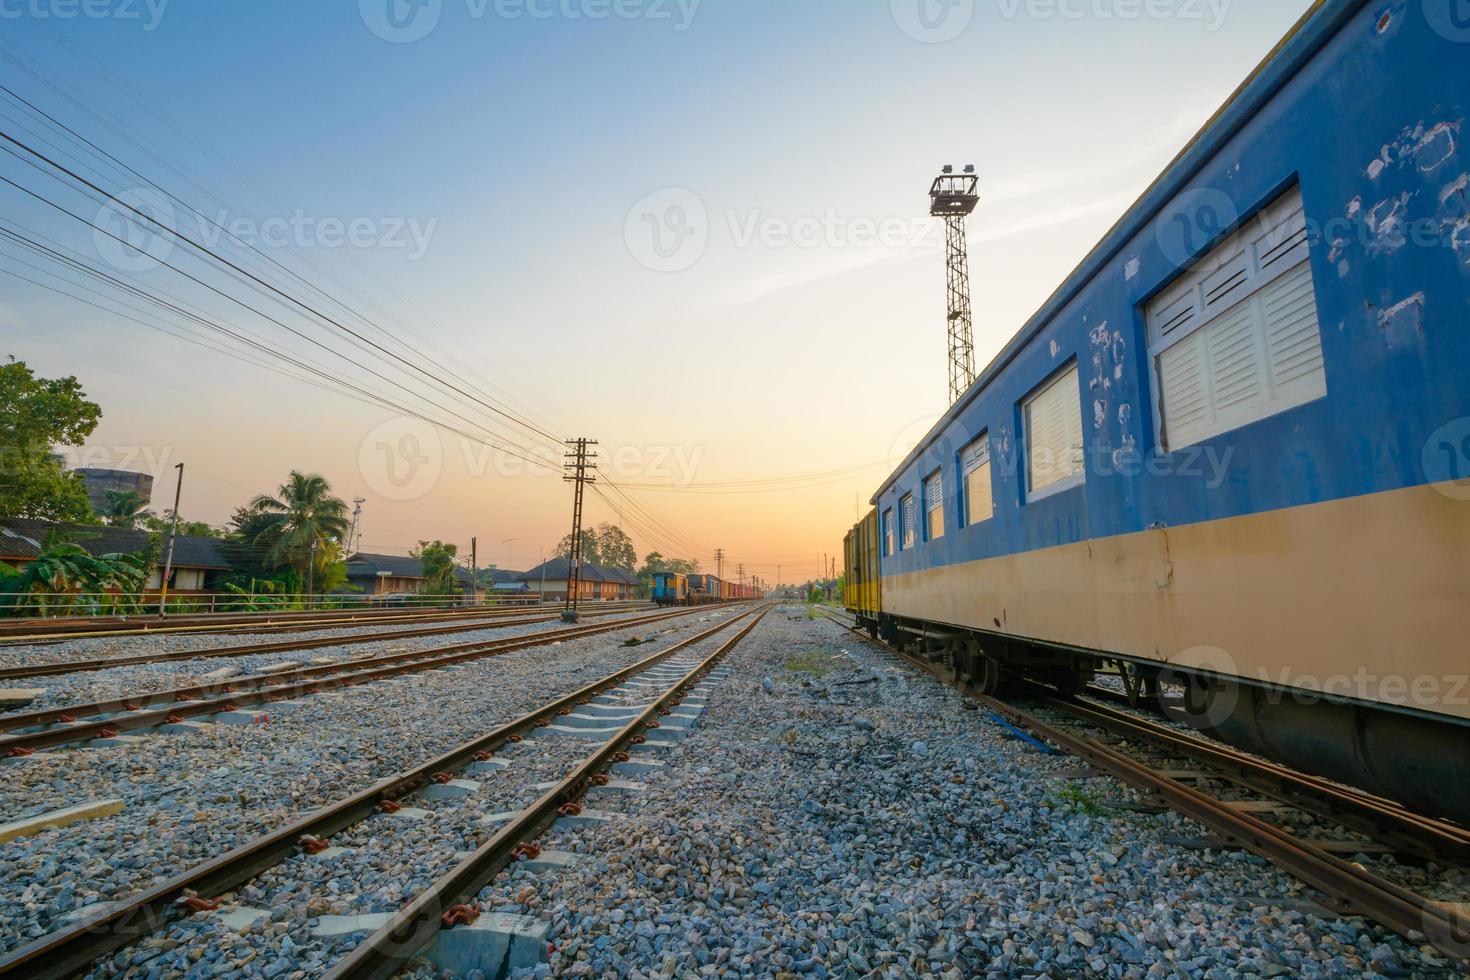 tågspår och tågbil foto